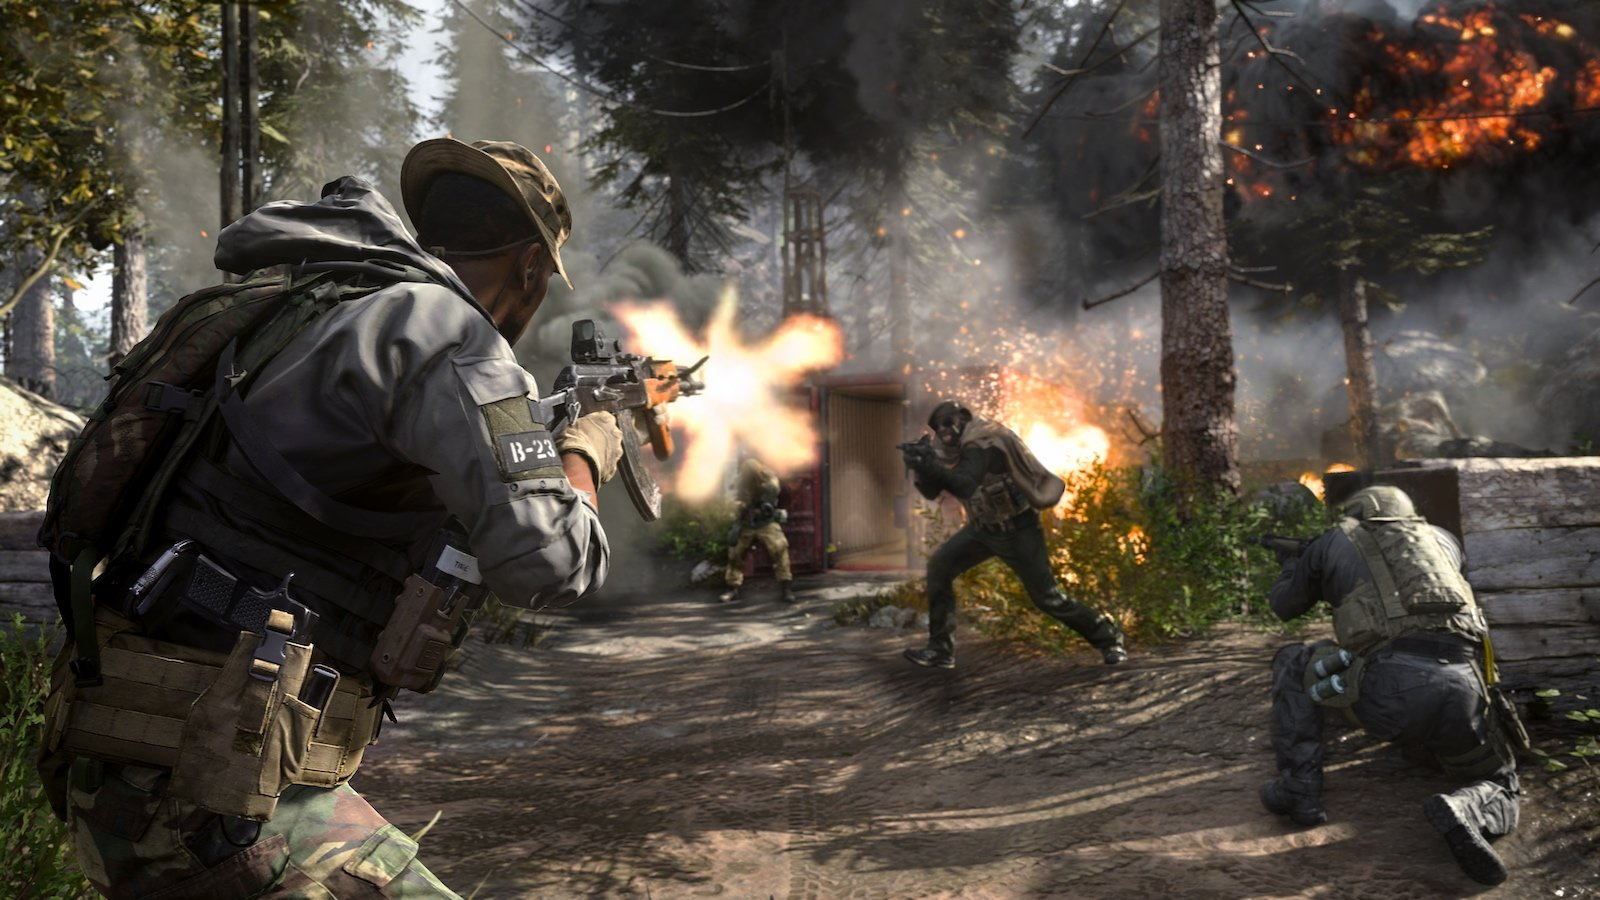 Call of Duty: Modern Warfare v multiplayerovém traileru + termíny Beta testů